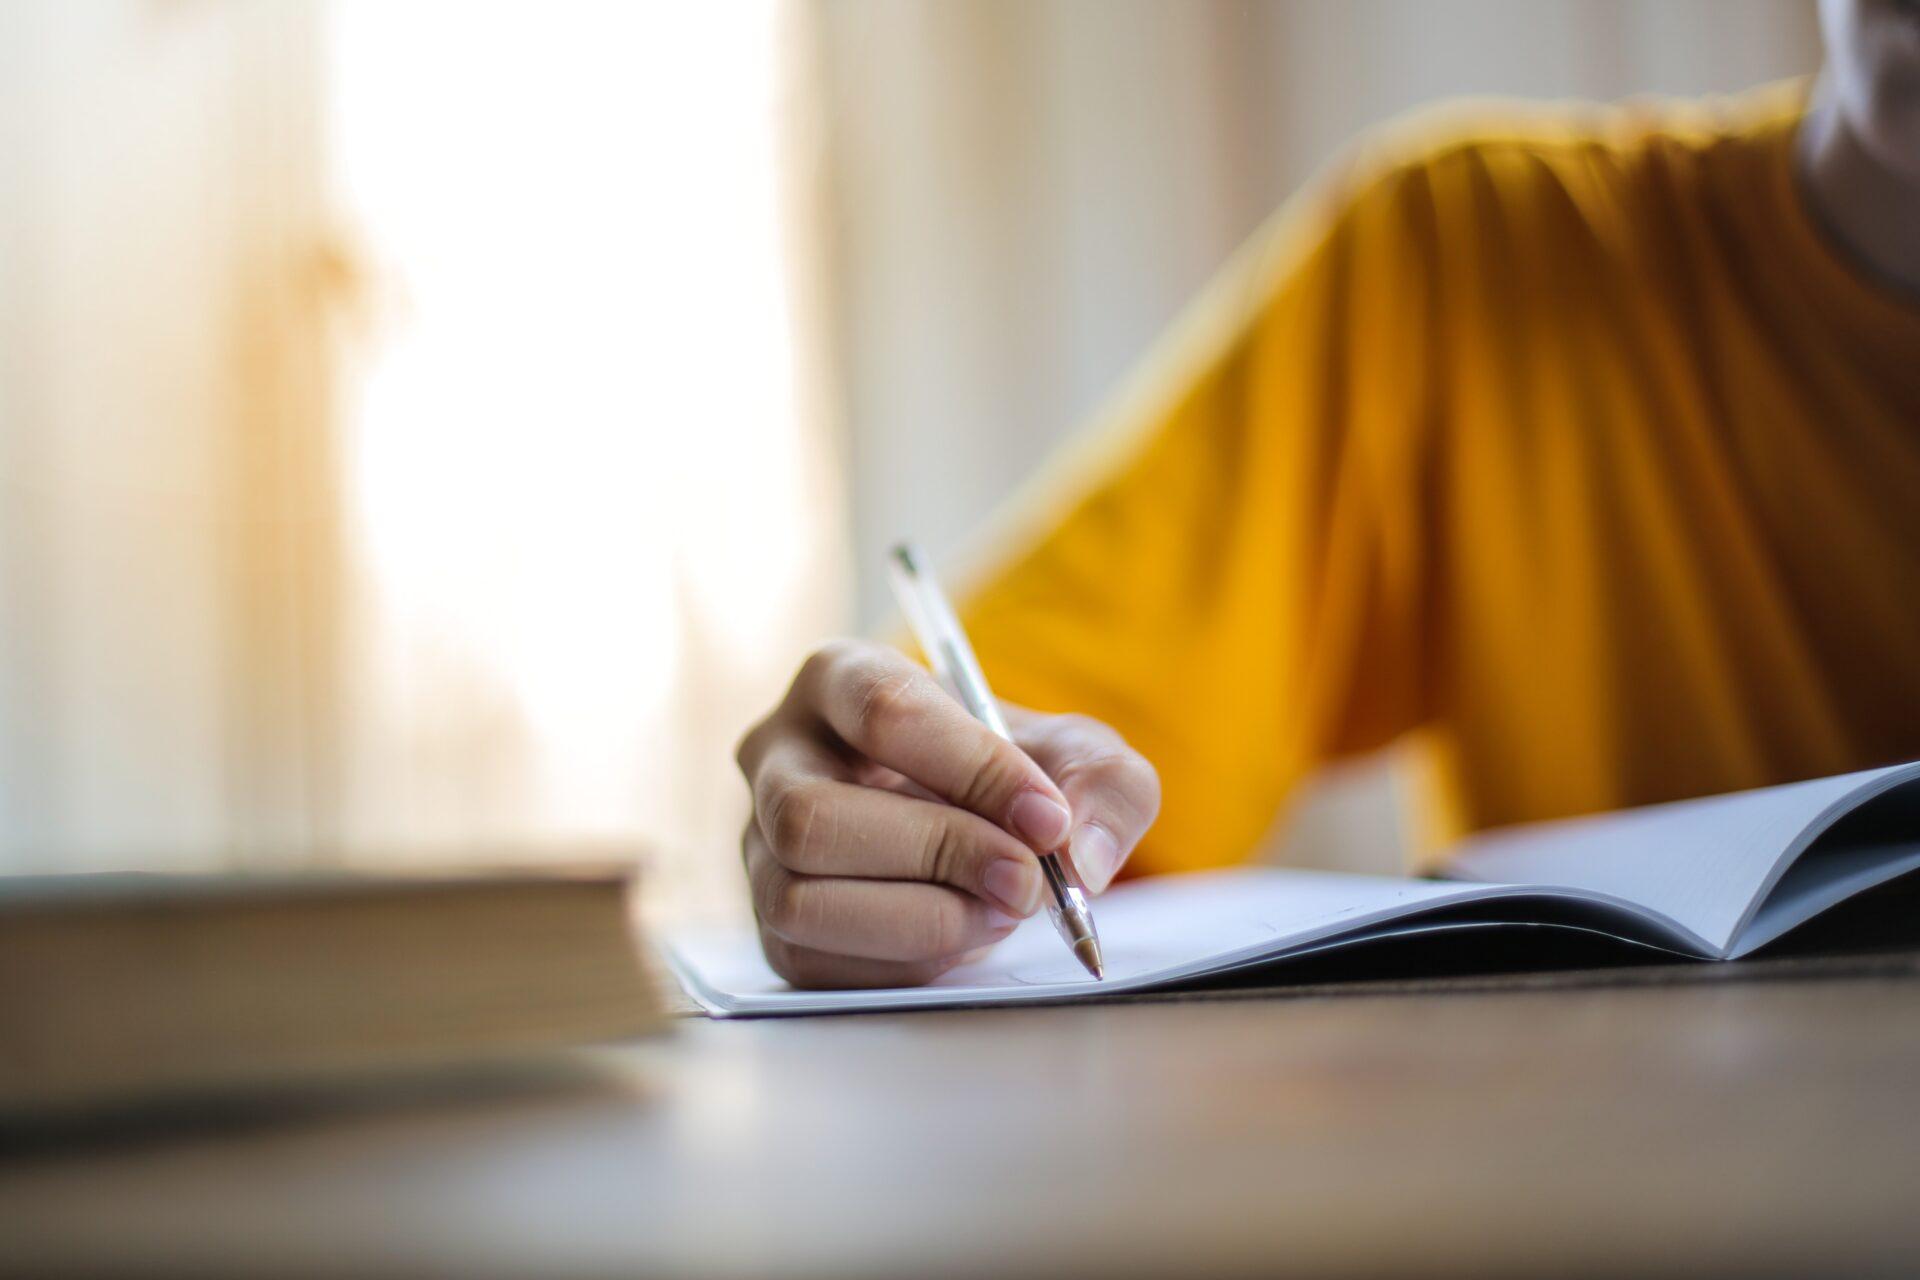 Der Gerade Weg (DGW): Hand schreibt auf Papier